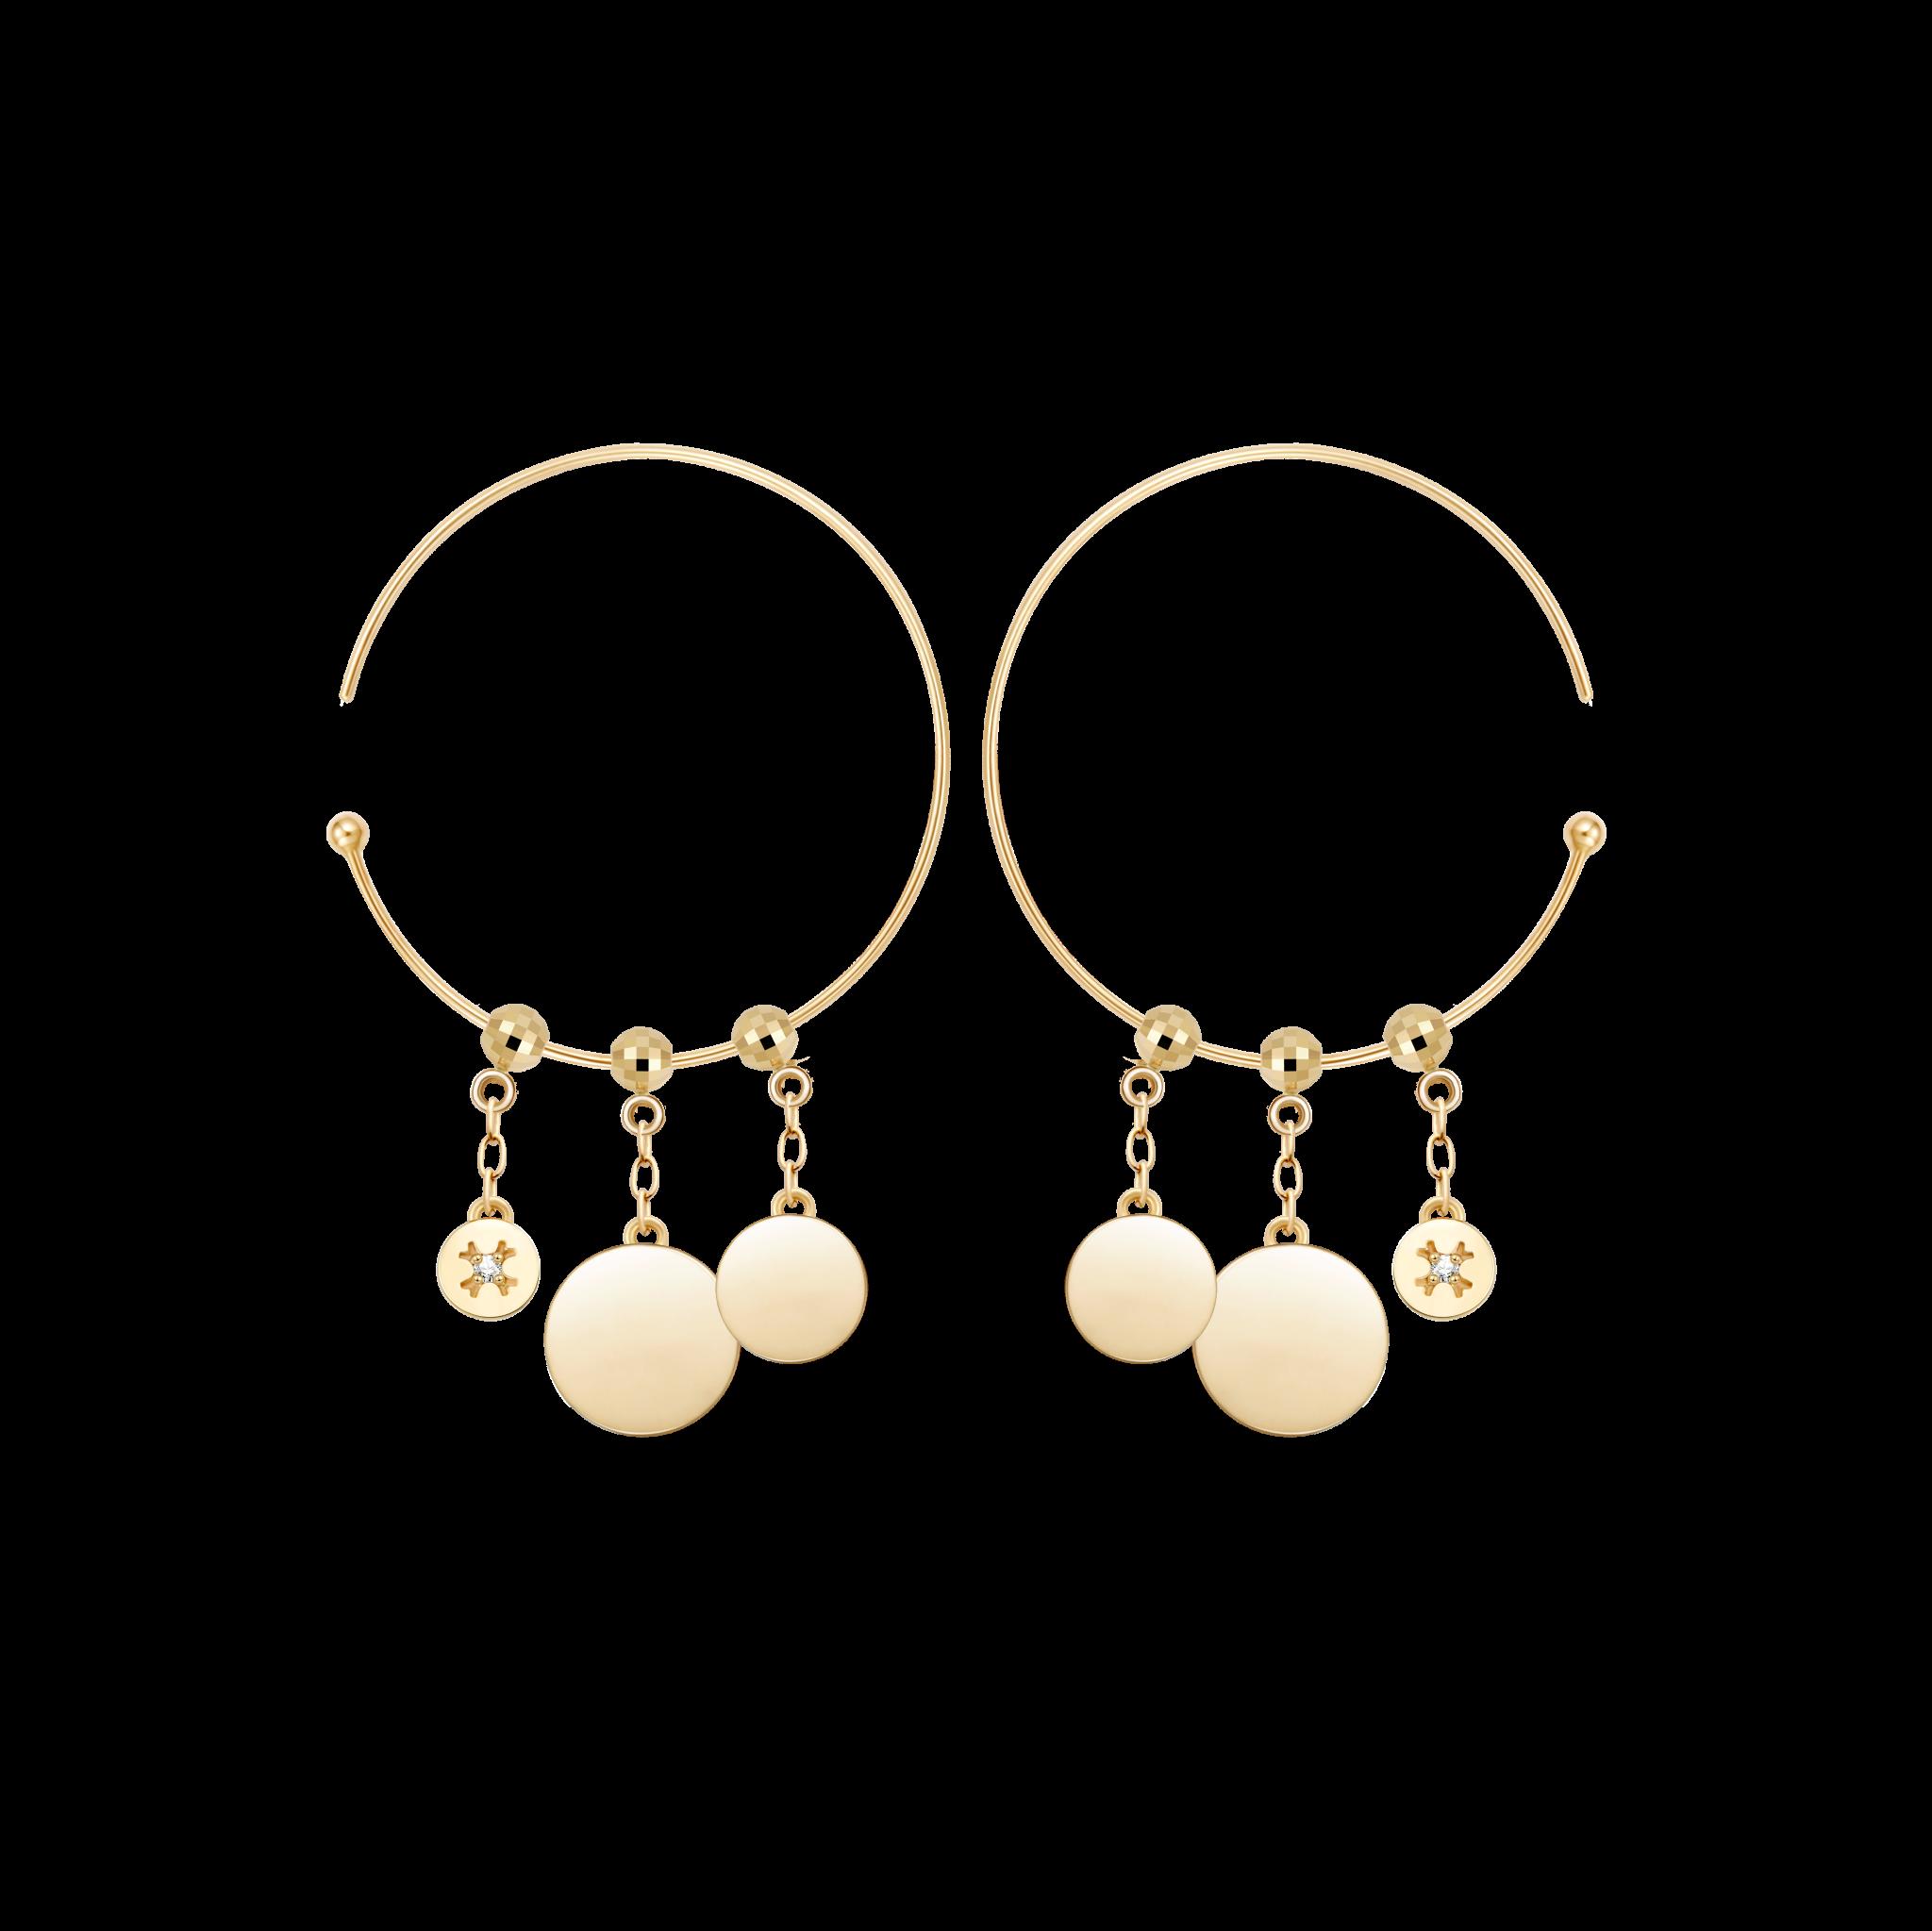 圆片-耳环